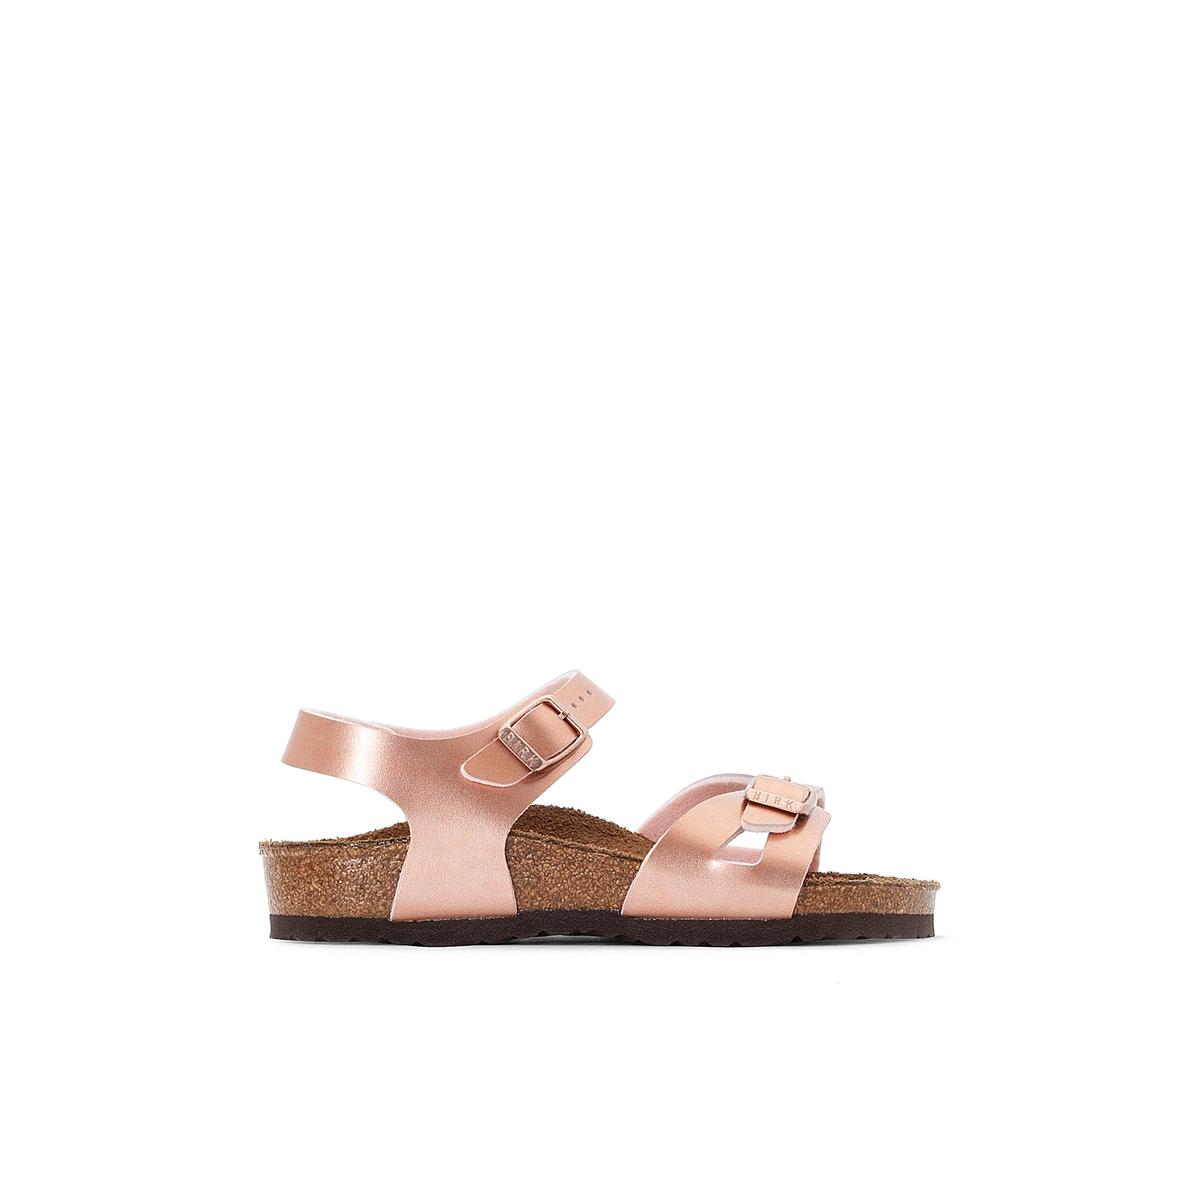 Босоножки на плоском каблуке Rio, размеры 24-38 сапоги кожаные на плоском каблуке 1137